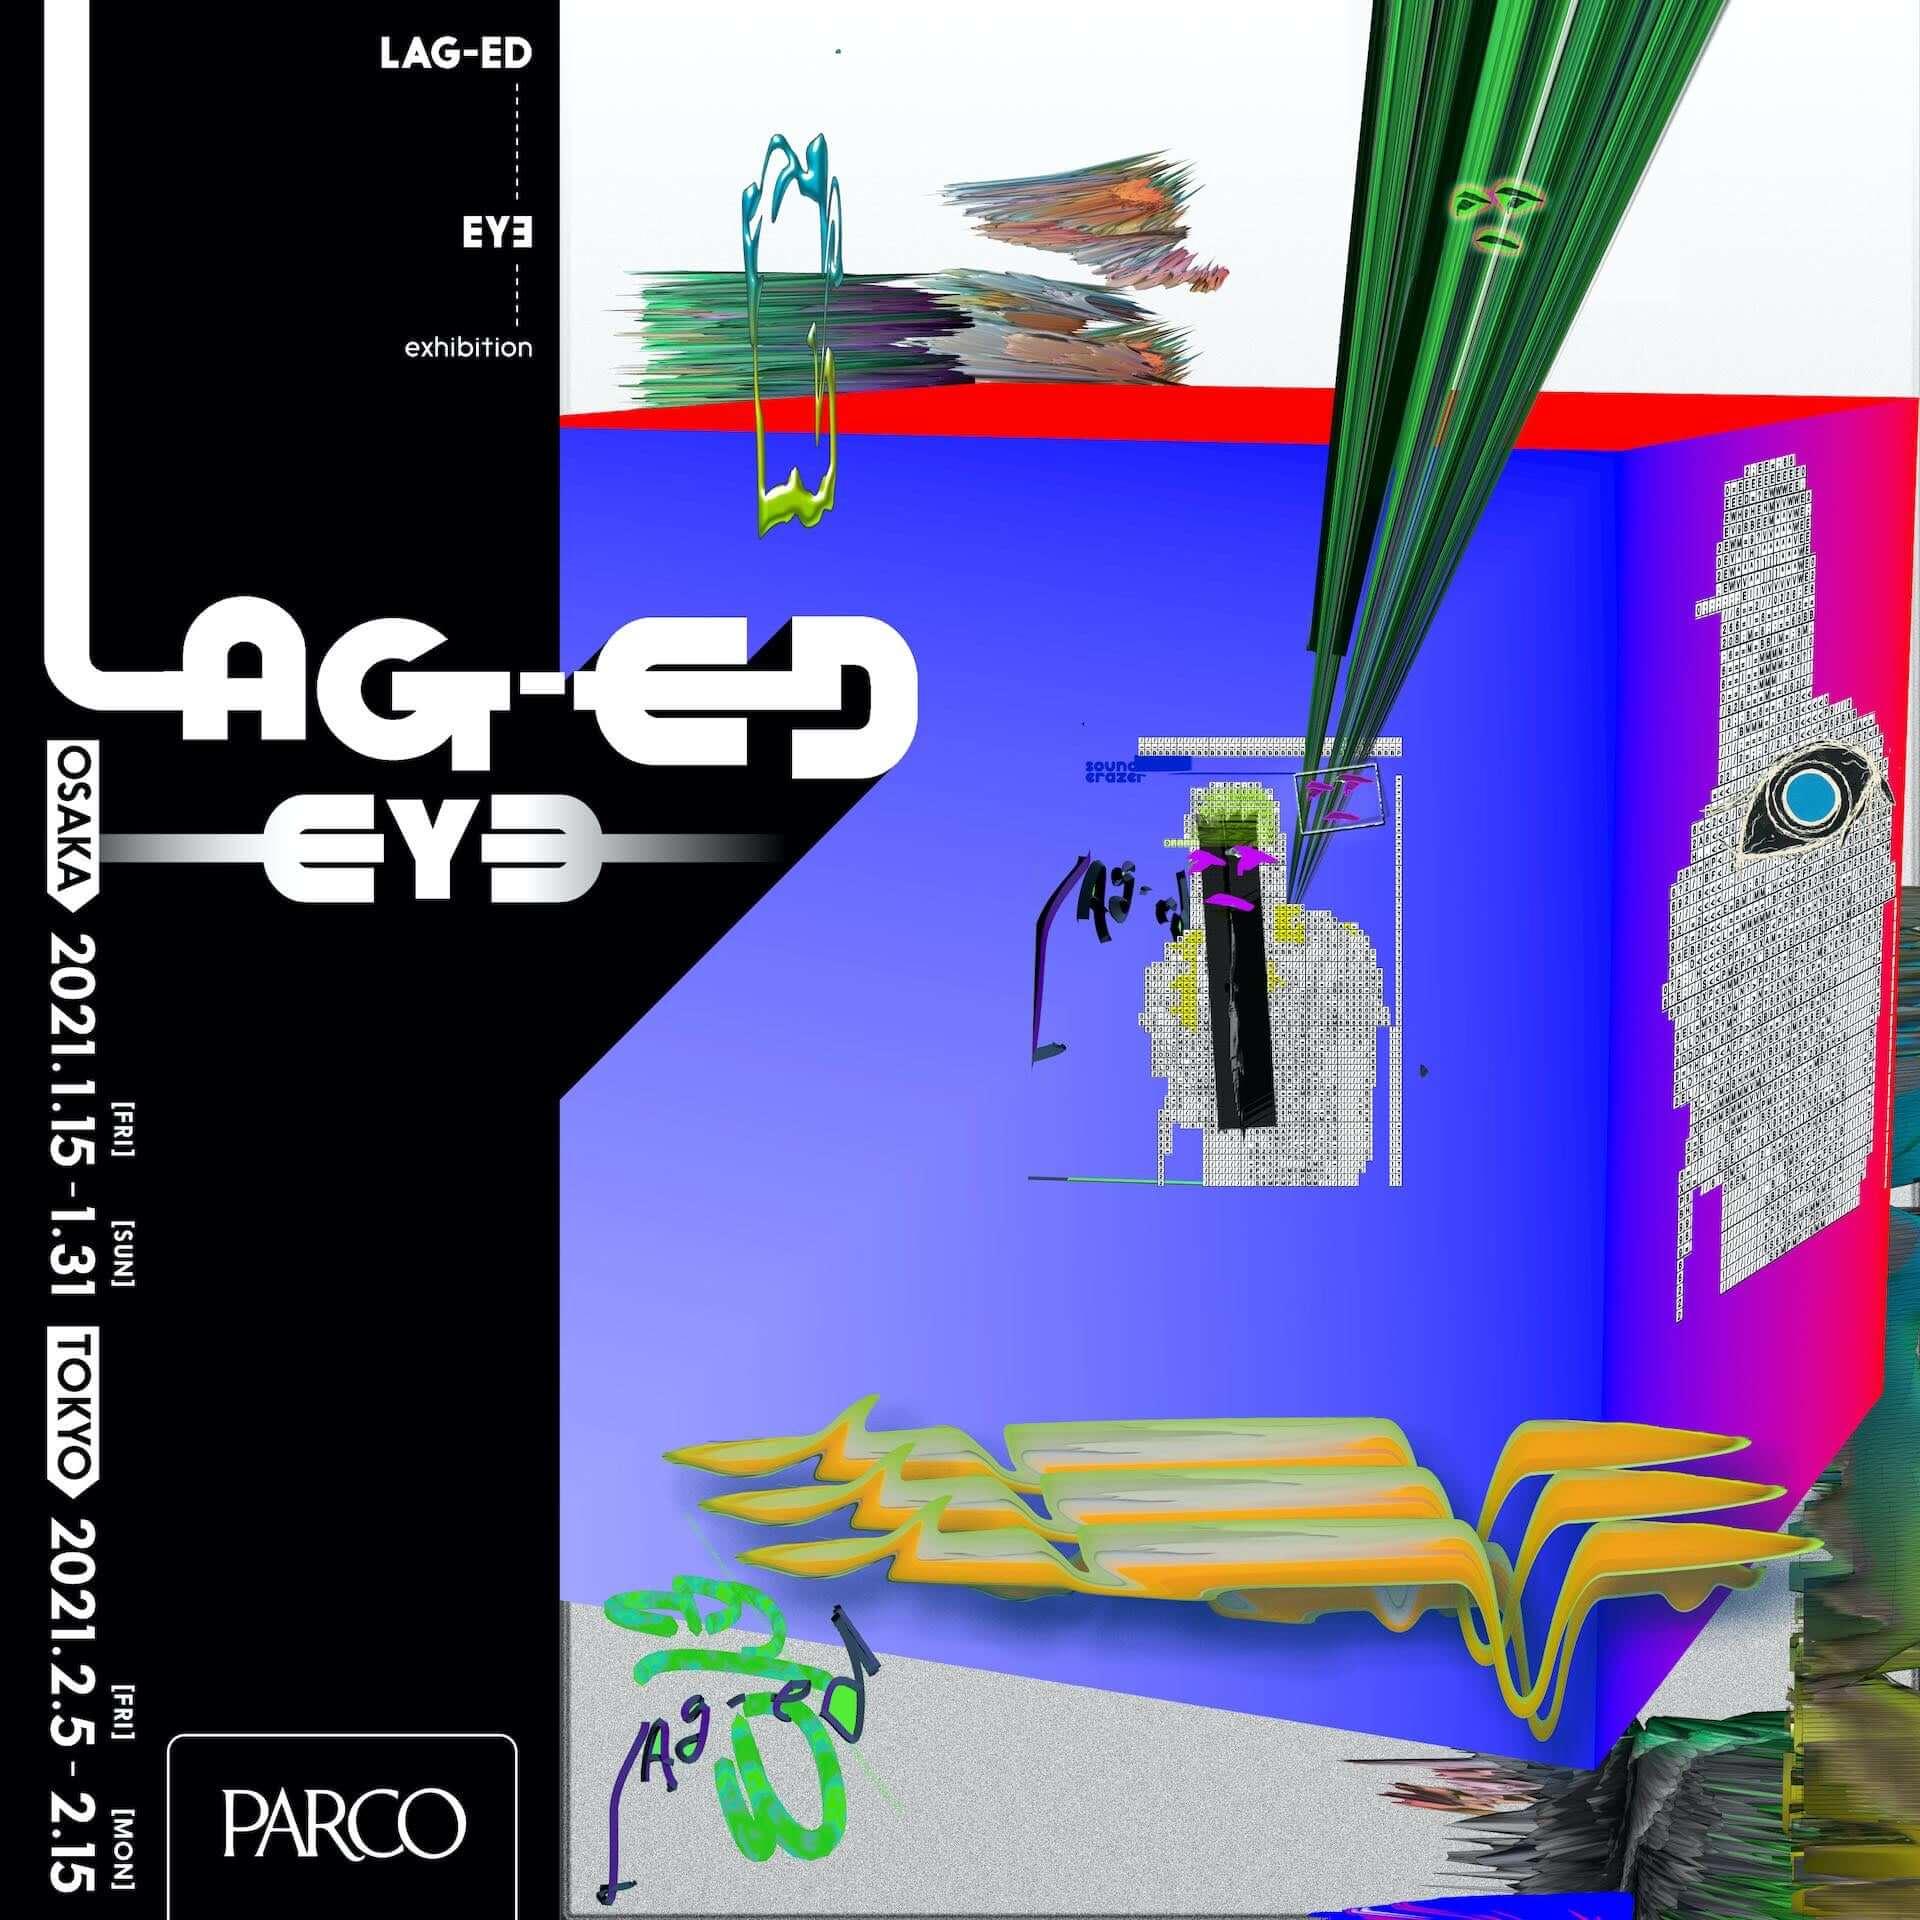 """BOREDOMSのフロントマン・EY∃の個展が渋谷&心斎橋PARCOで開催決定!""""LAG(残像)""""をテーマにしたグラフィック作品を展示販売 art201228_eye-exhibition_1-1-1920x1920"""